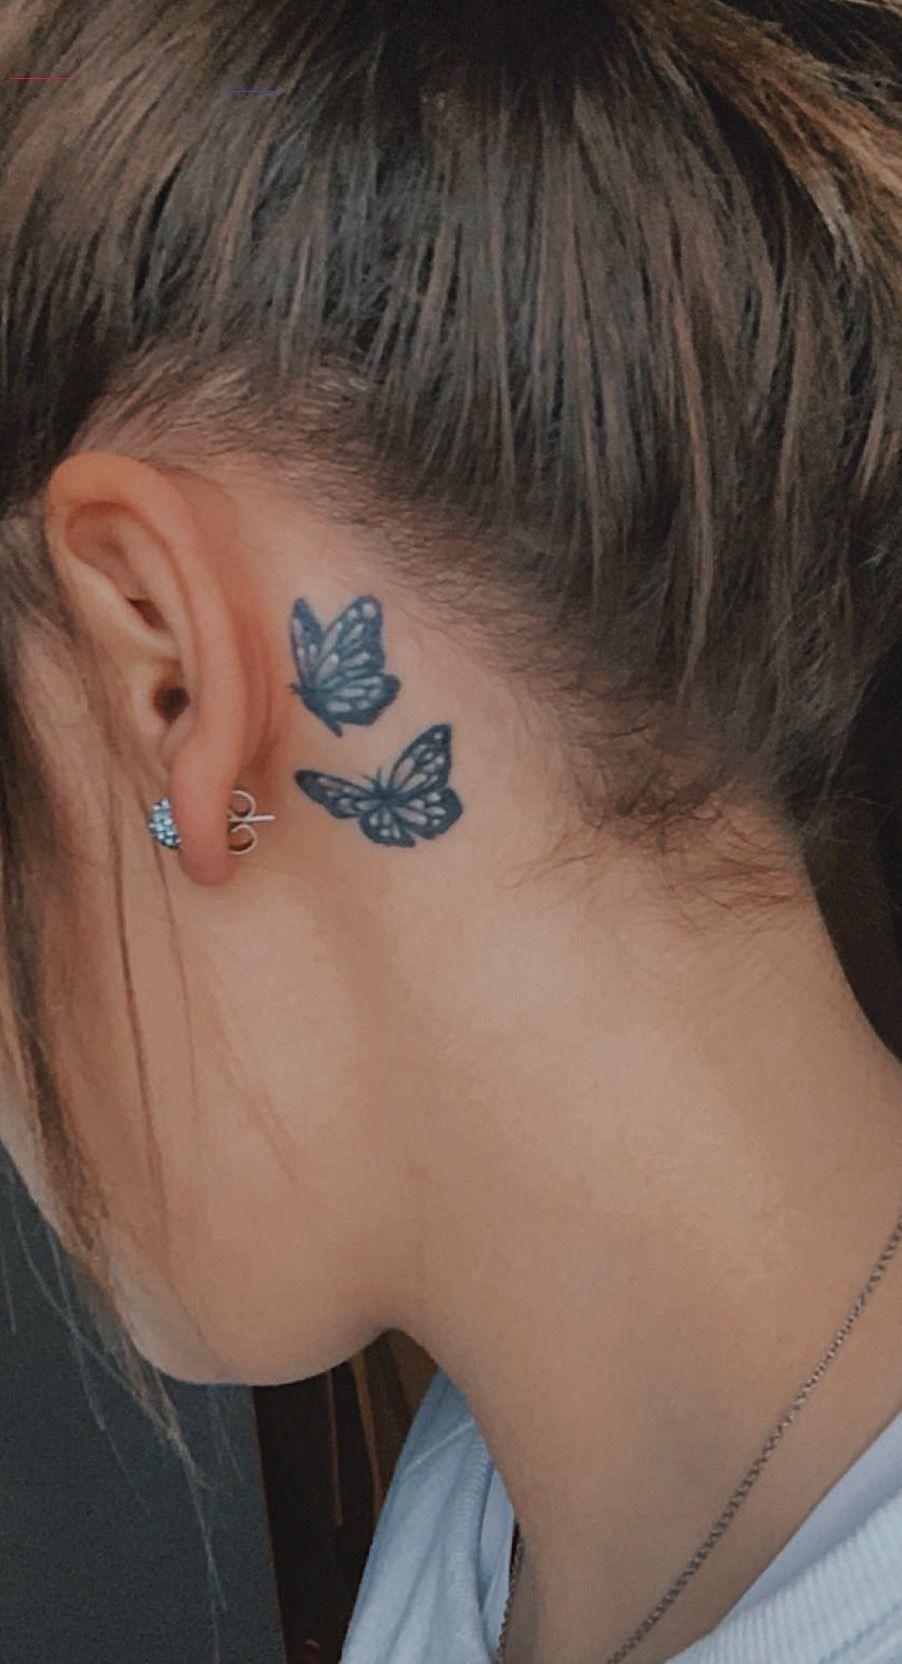 smalltattoosformen en 2020 Tatuaje detrás de la oreja